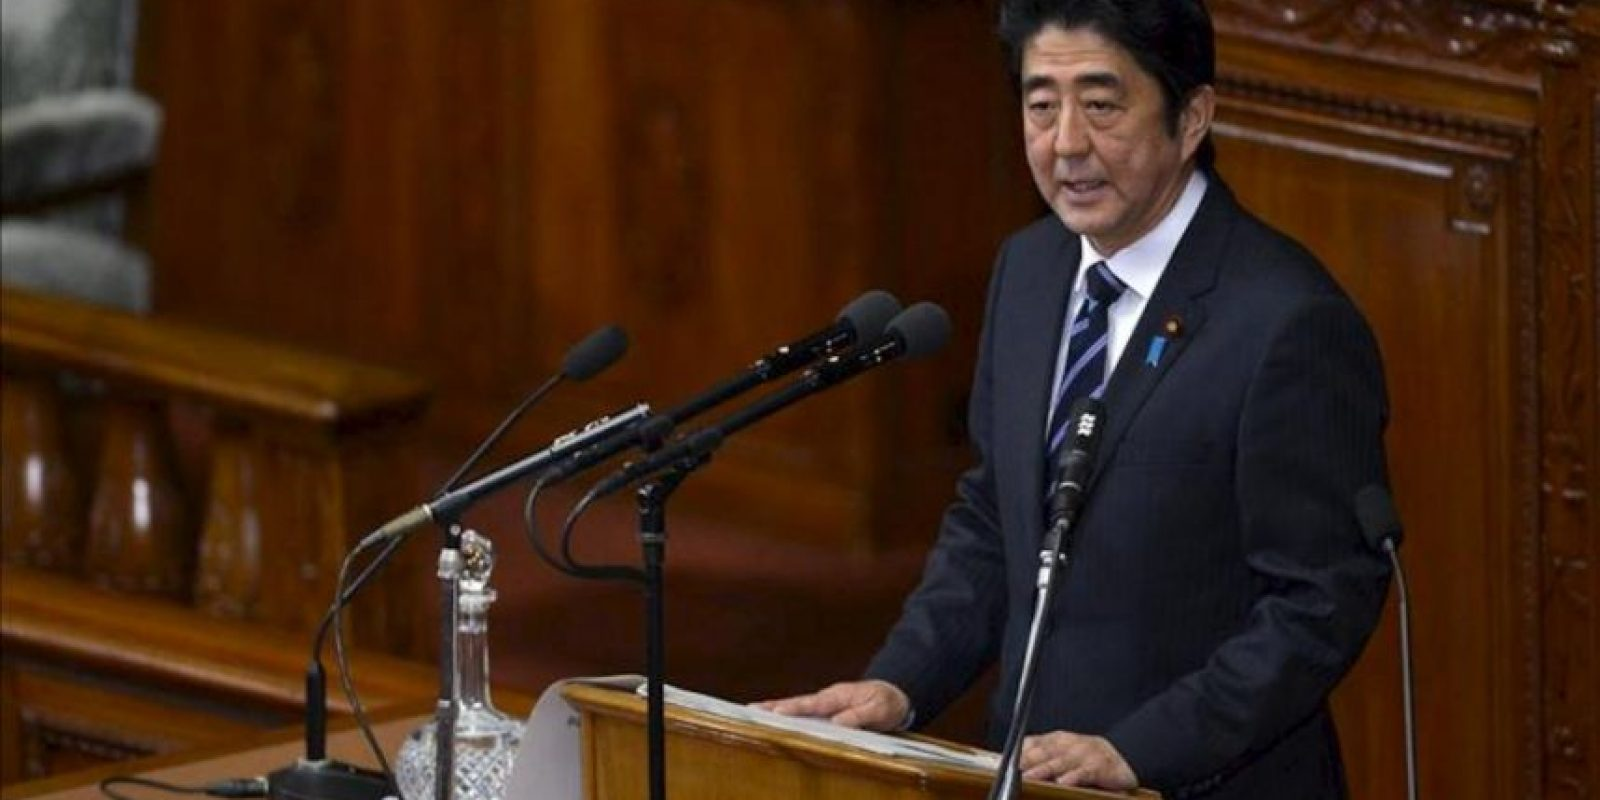 El primer ministro japonés, Shinzo Abe, pronuncia un discurso al inicio de una sesión ordinaria de la Dieta (Parlamento), en Tokio, Japón, hoy, lunes 28 de enero de 2013. Abe dió su primer discurso ante los miembros de la Dieta tras su reelección un mes atrás. EFE